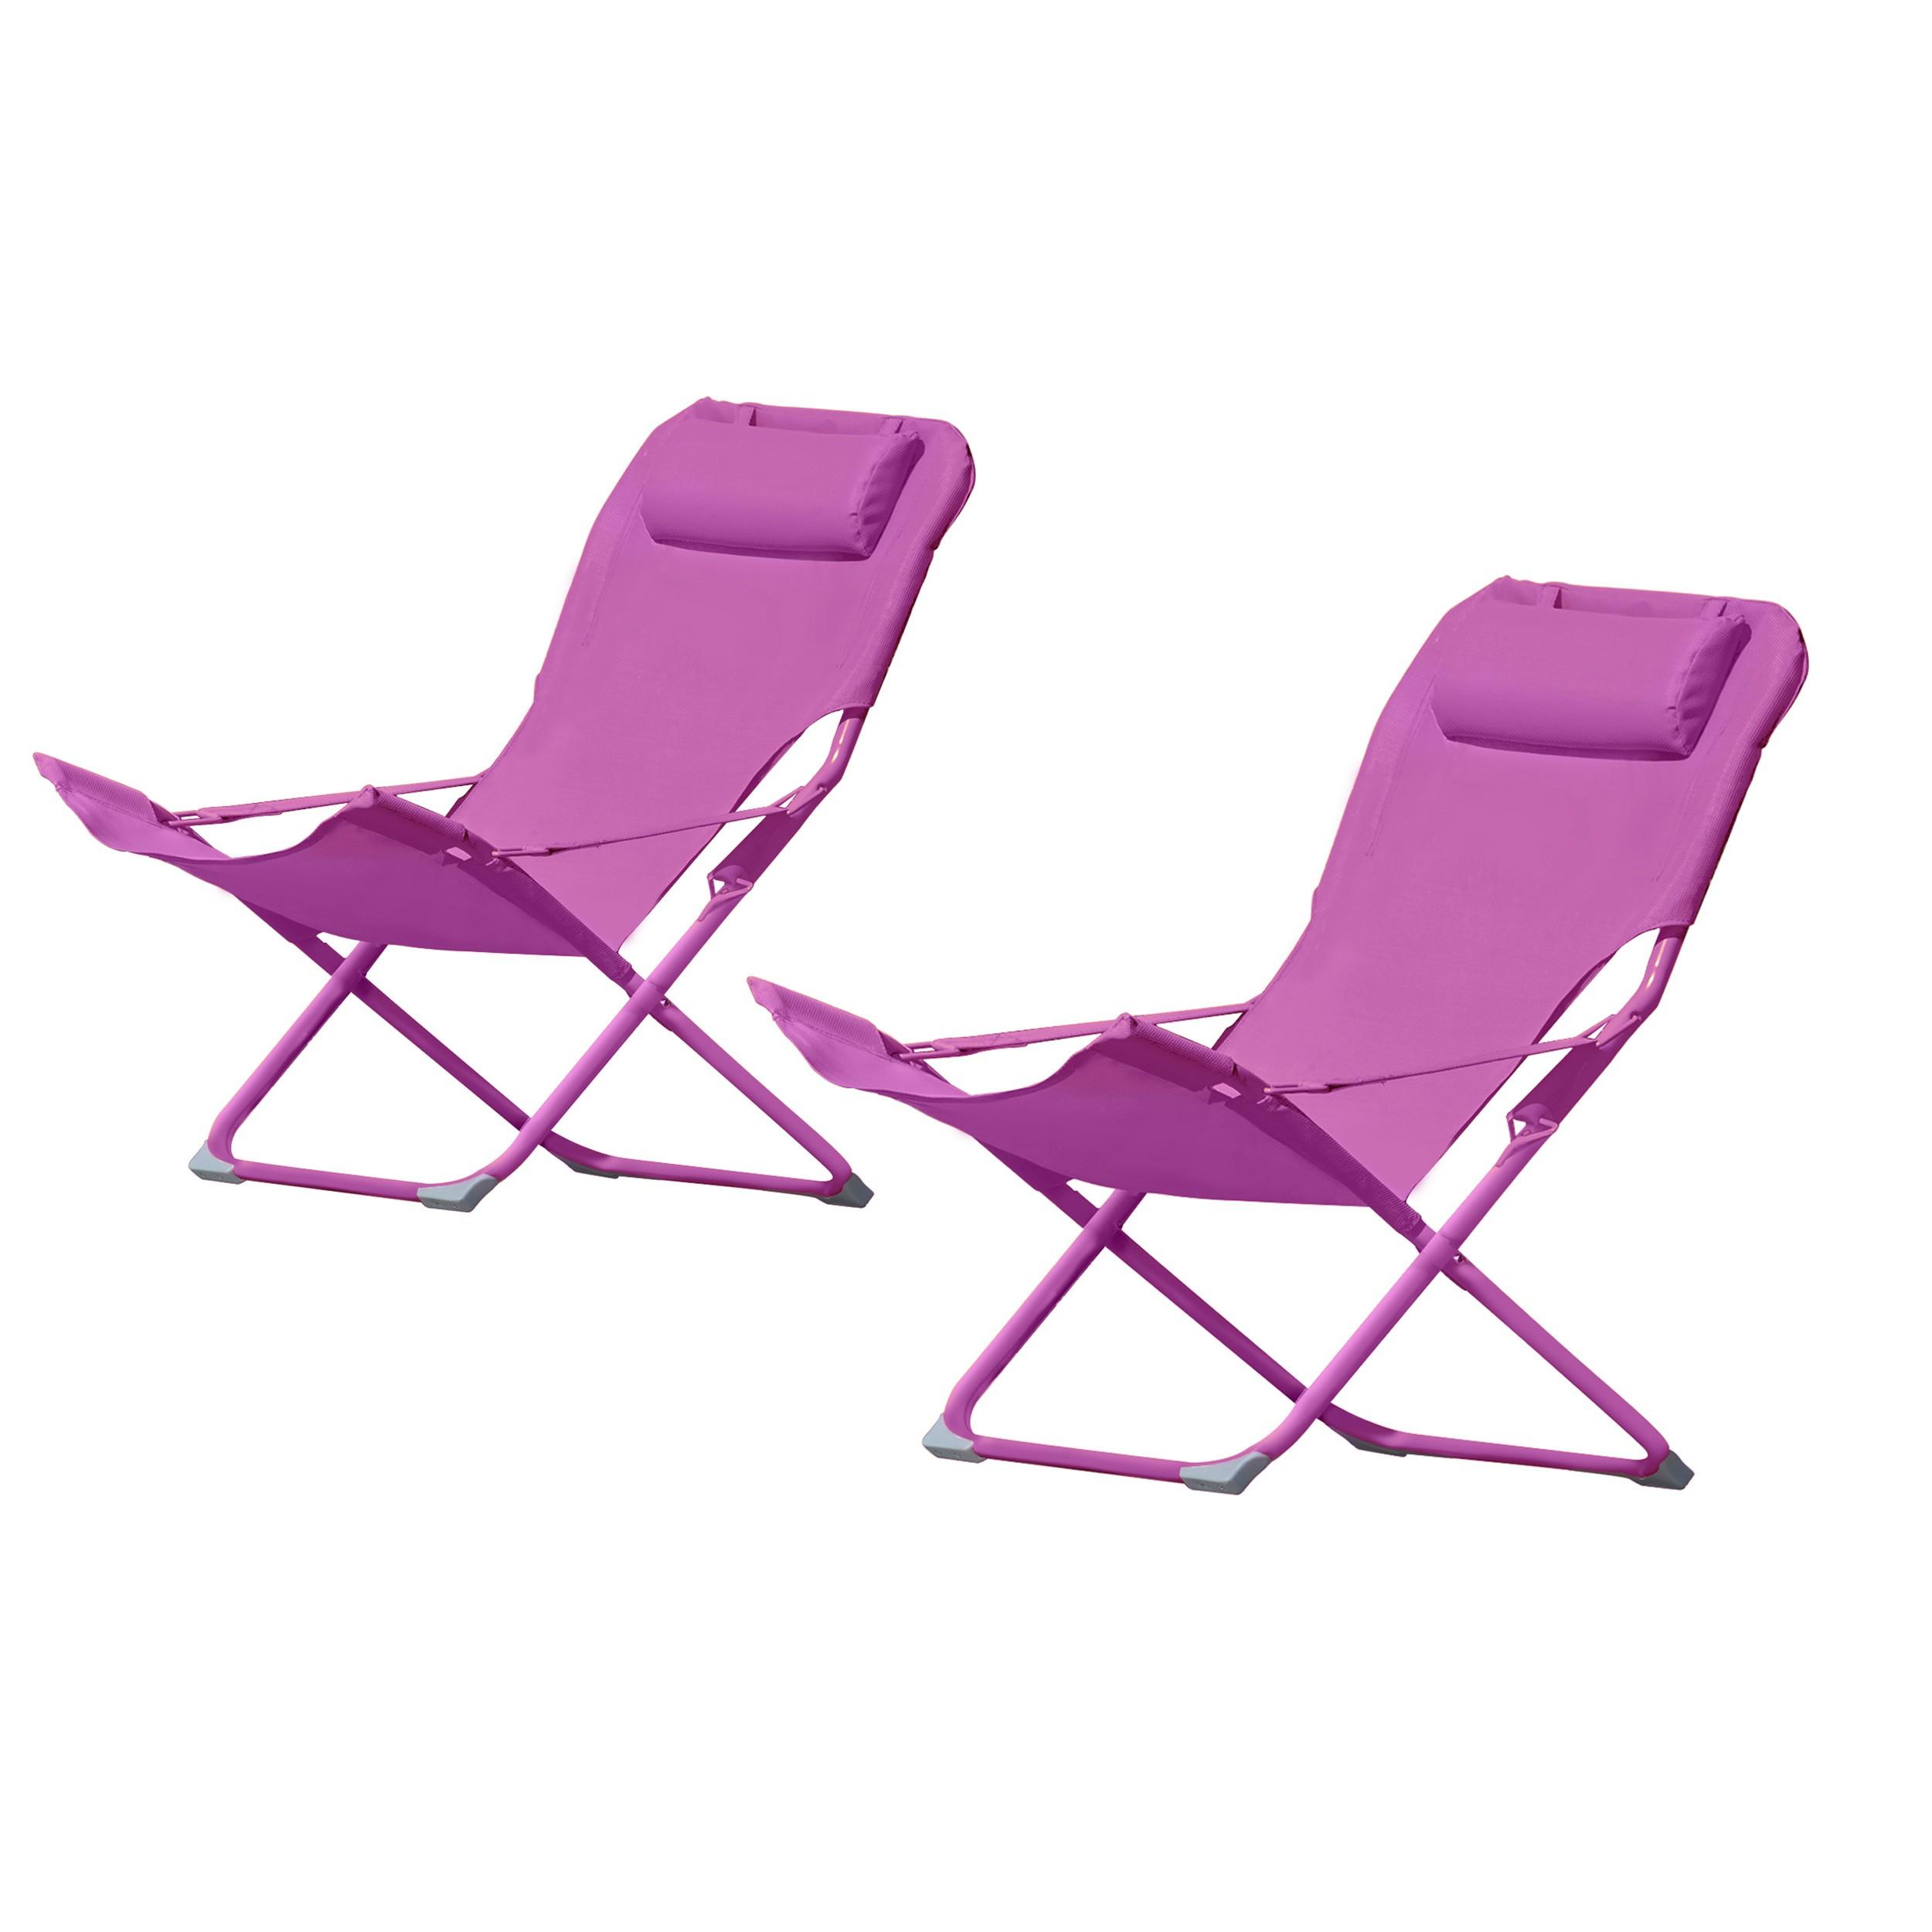 acheter chaise longue rose confortable